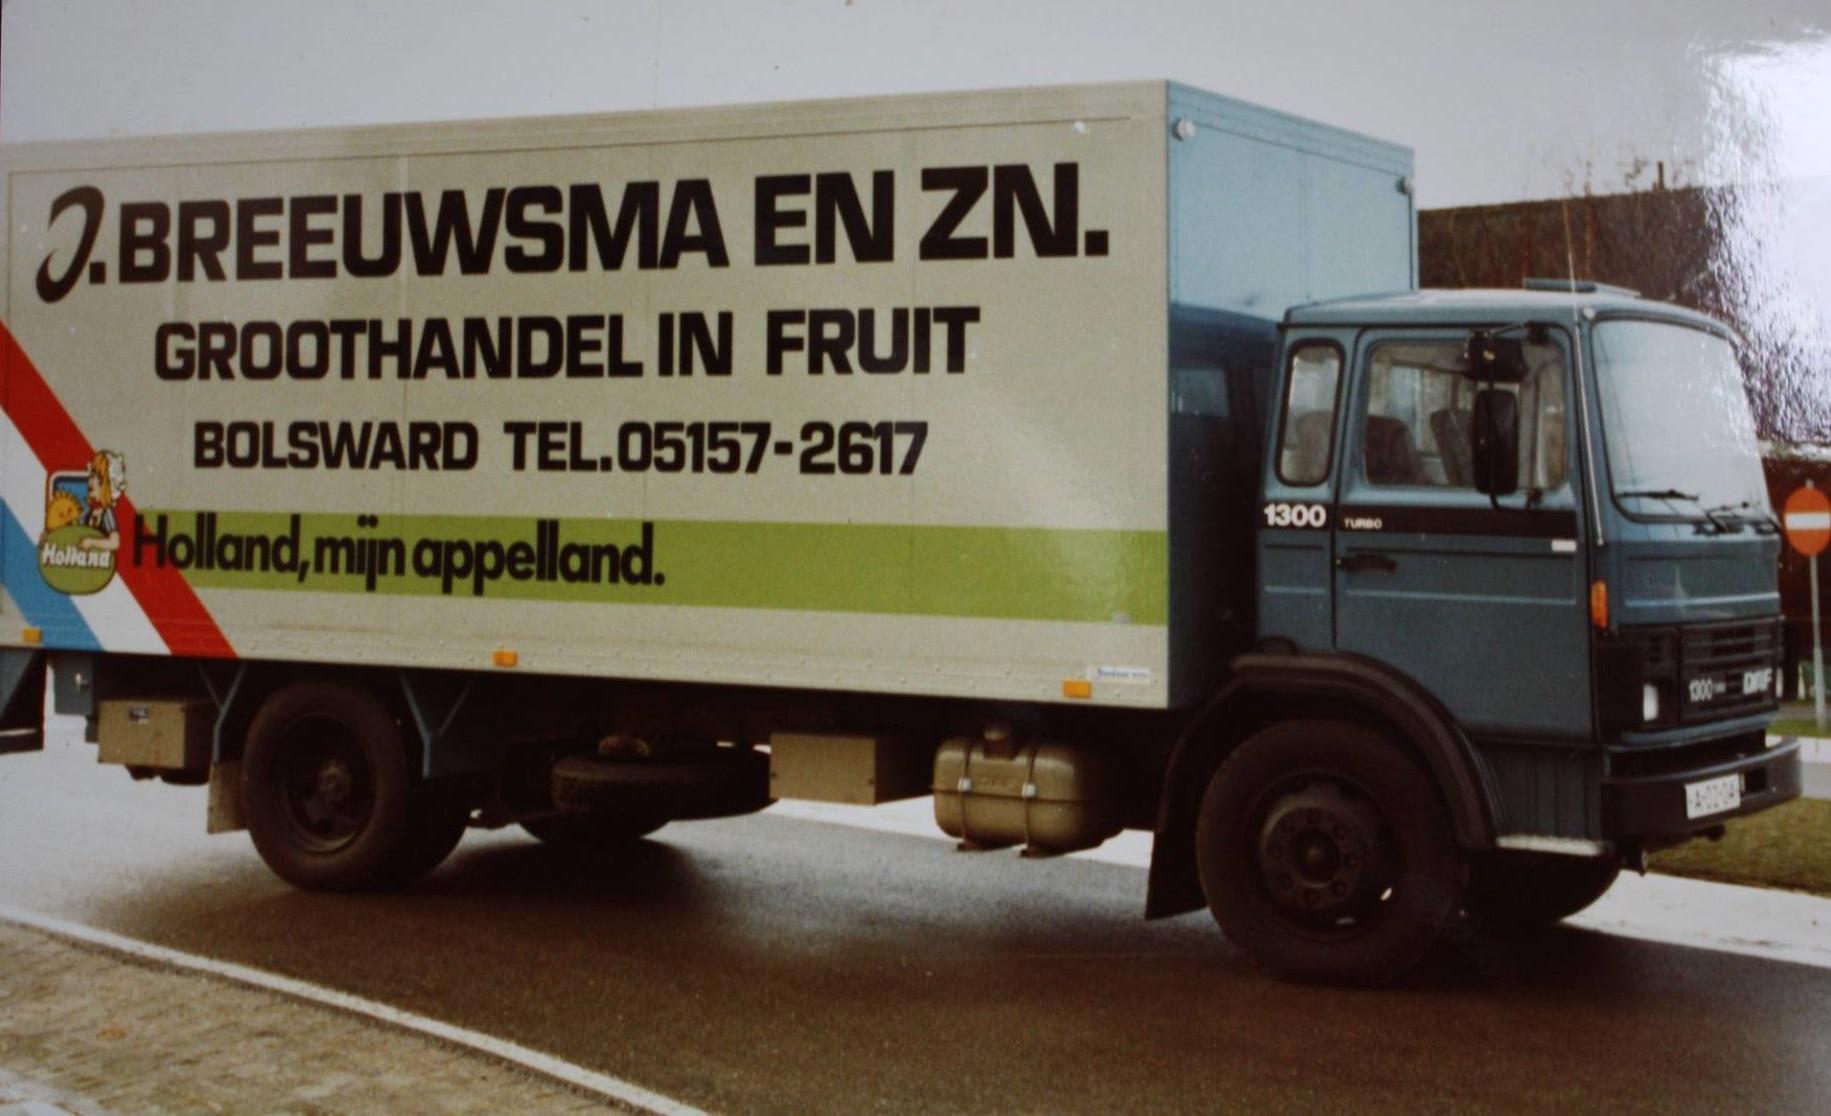 opgebouwd-door-Rondaan-voor-Jappie-Breeuwsma-groothandel-in-Fruit-uit-Bolsward-2